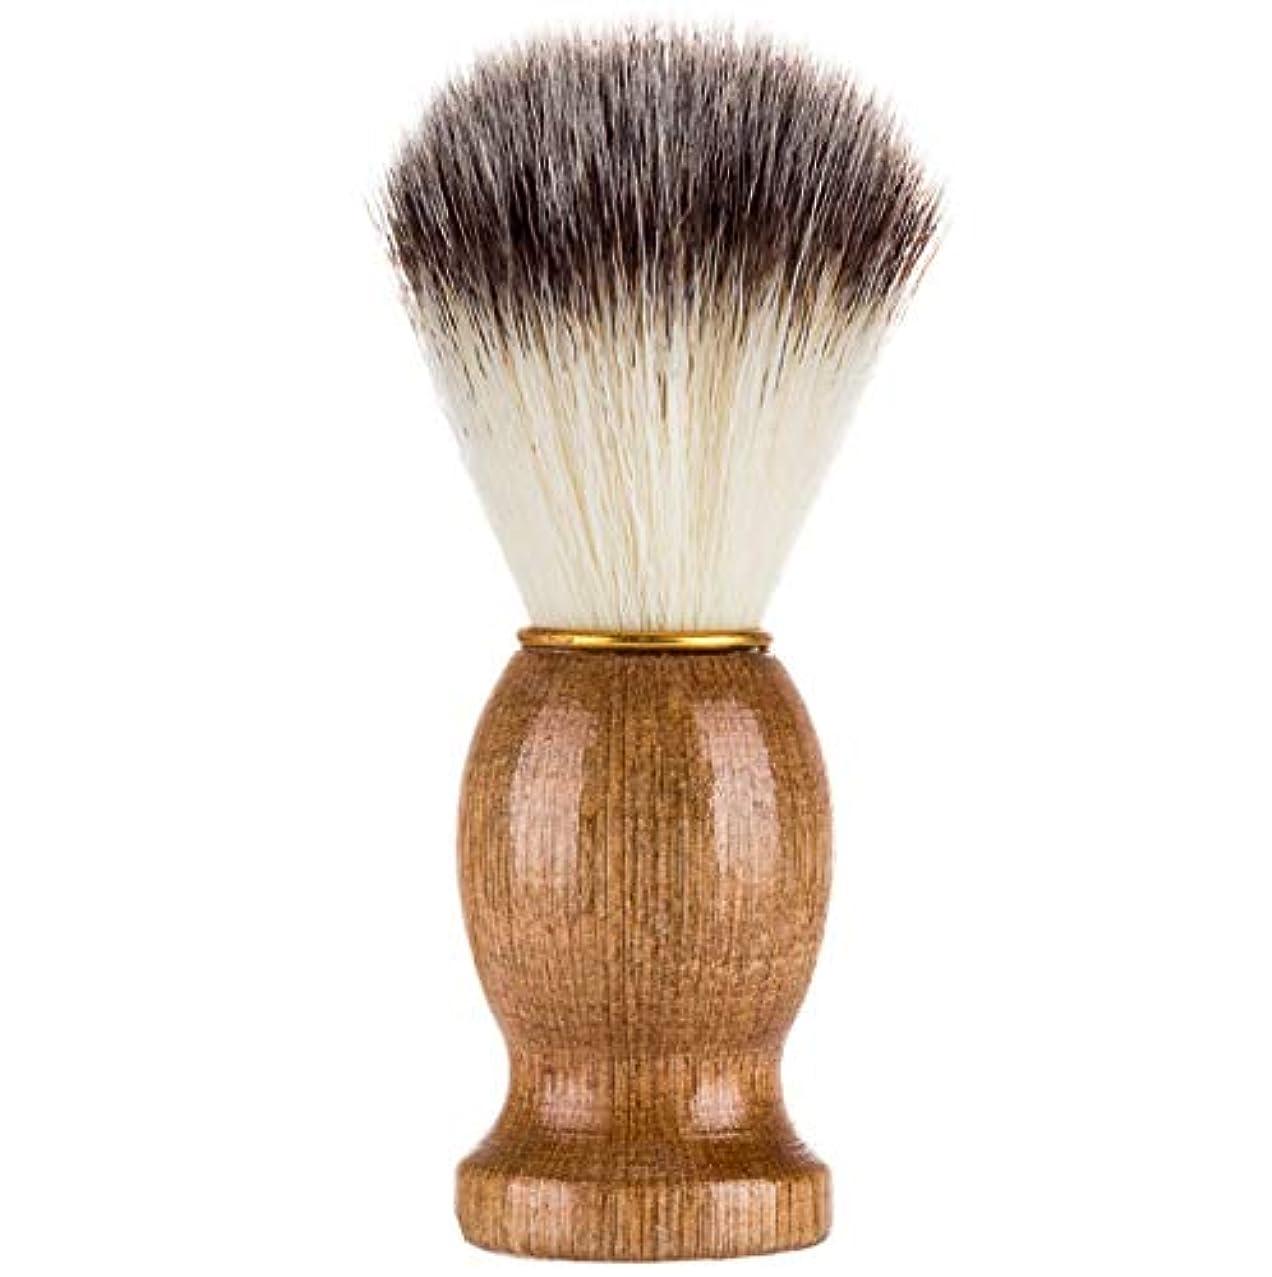 聖職者薄暗い観客ソフトヘアメイクブラシメンズシェービングブラシ品質剛毛新しいポータブルハイエンドひげブラシ美容ツール